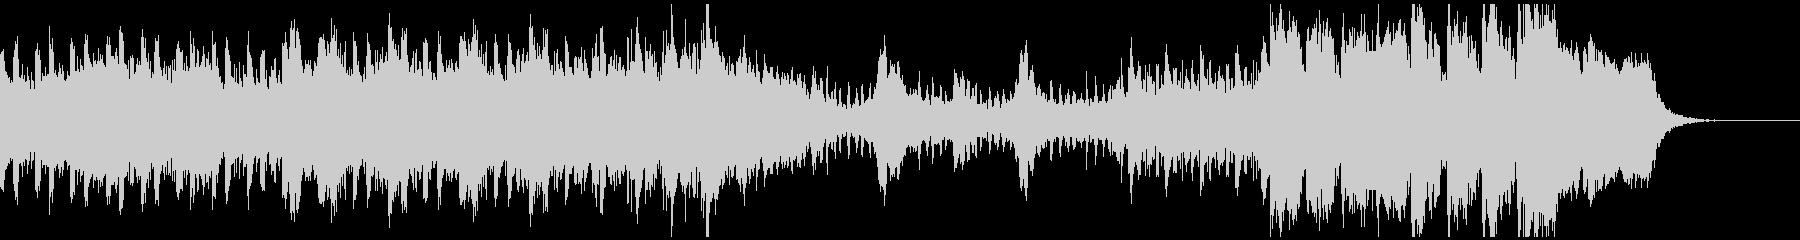 洋画トレーラー オーケストラ クワイヤ付の未再生の波形